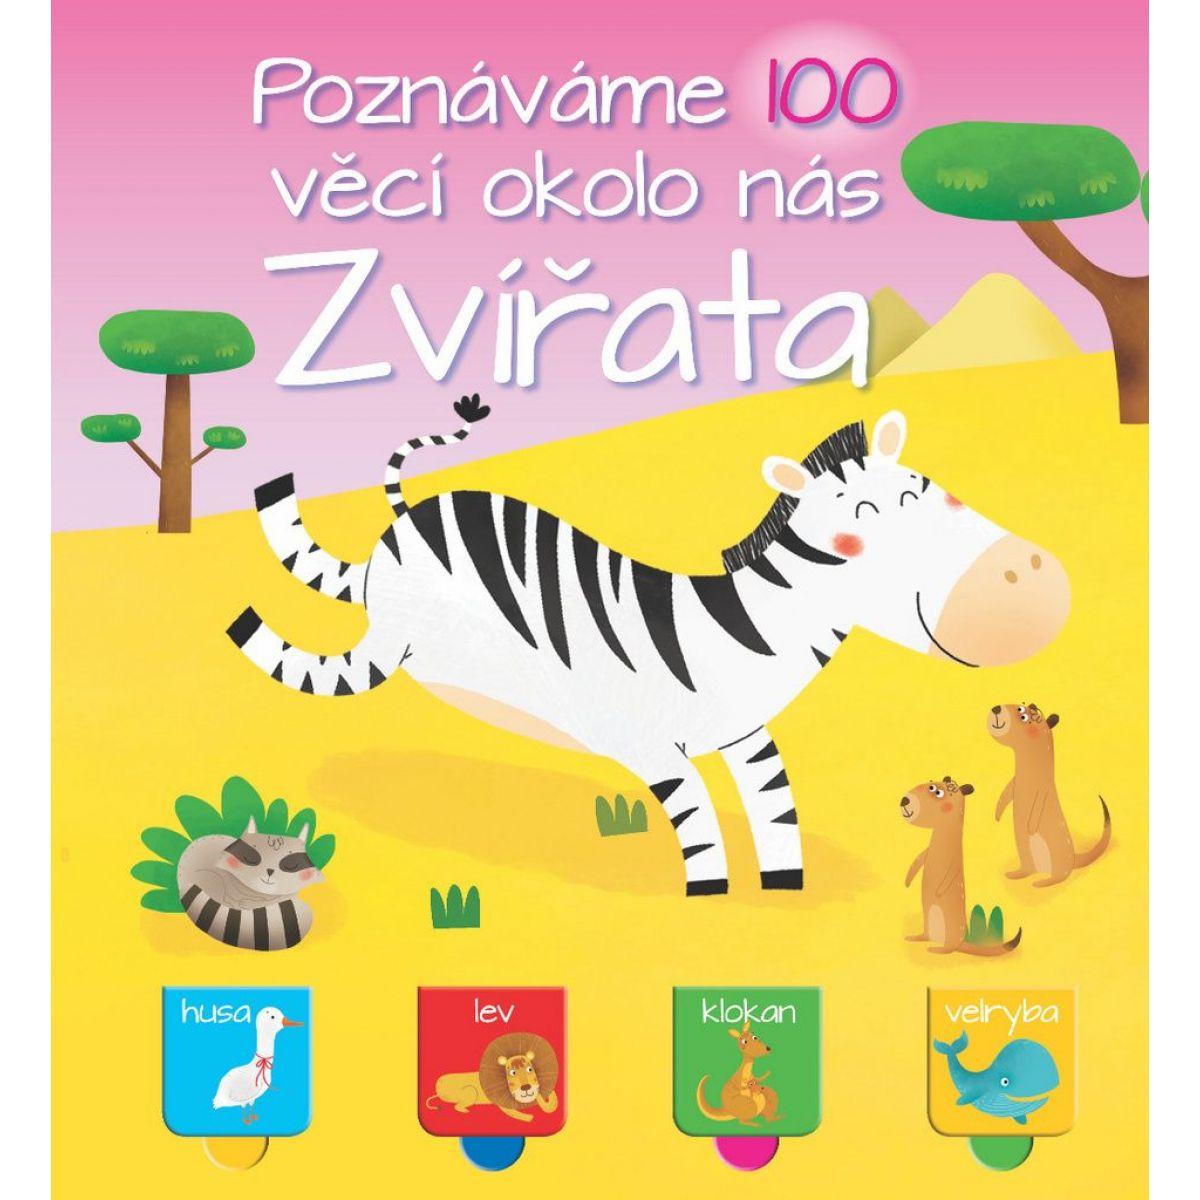 Poznávame 100 vecí okolo nás Zvieratá